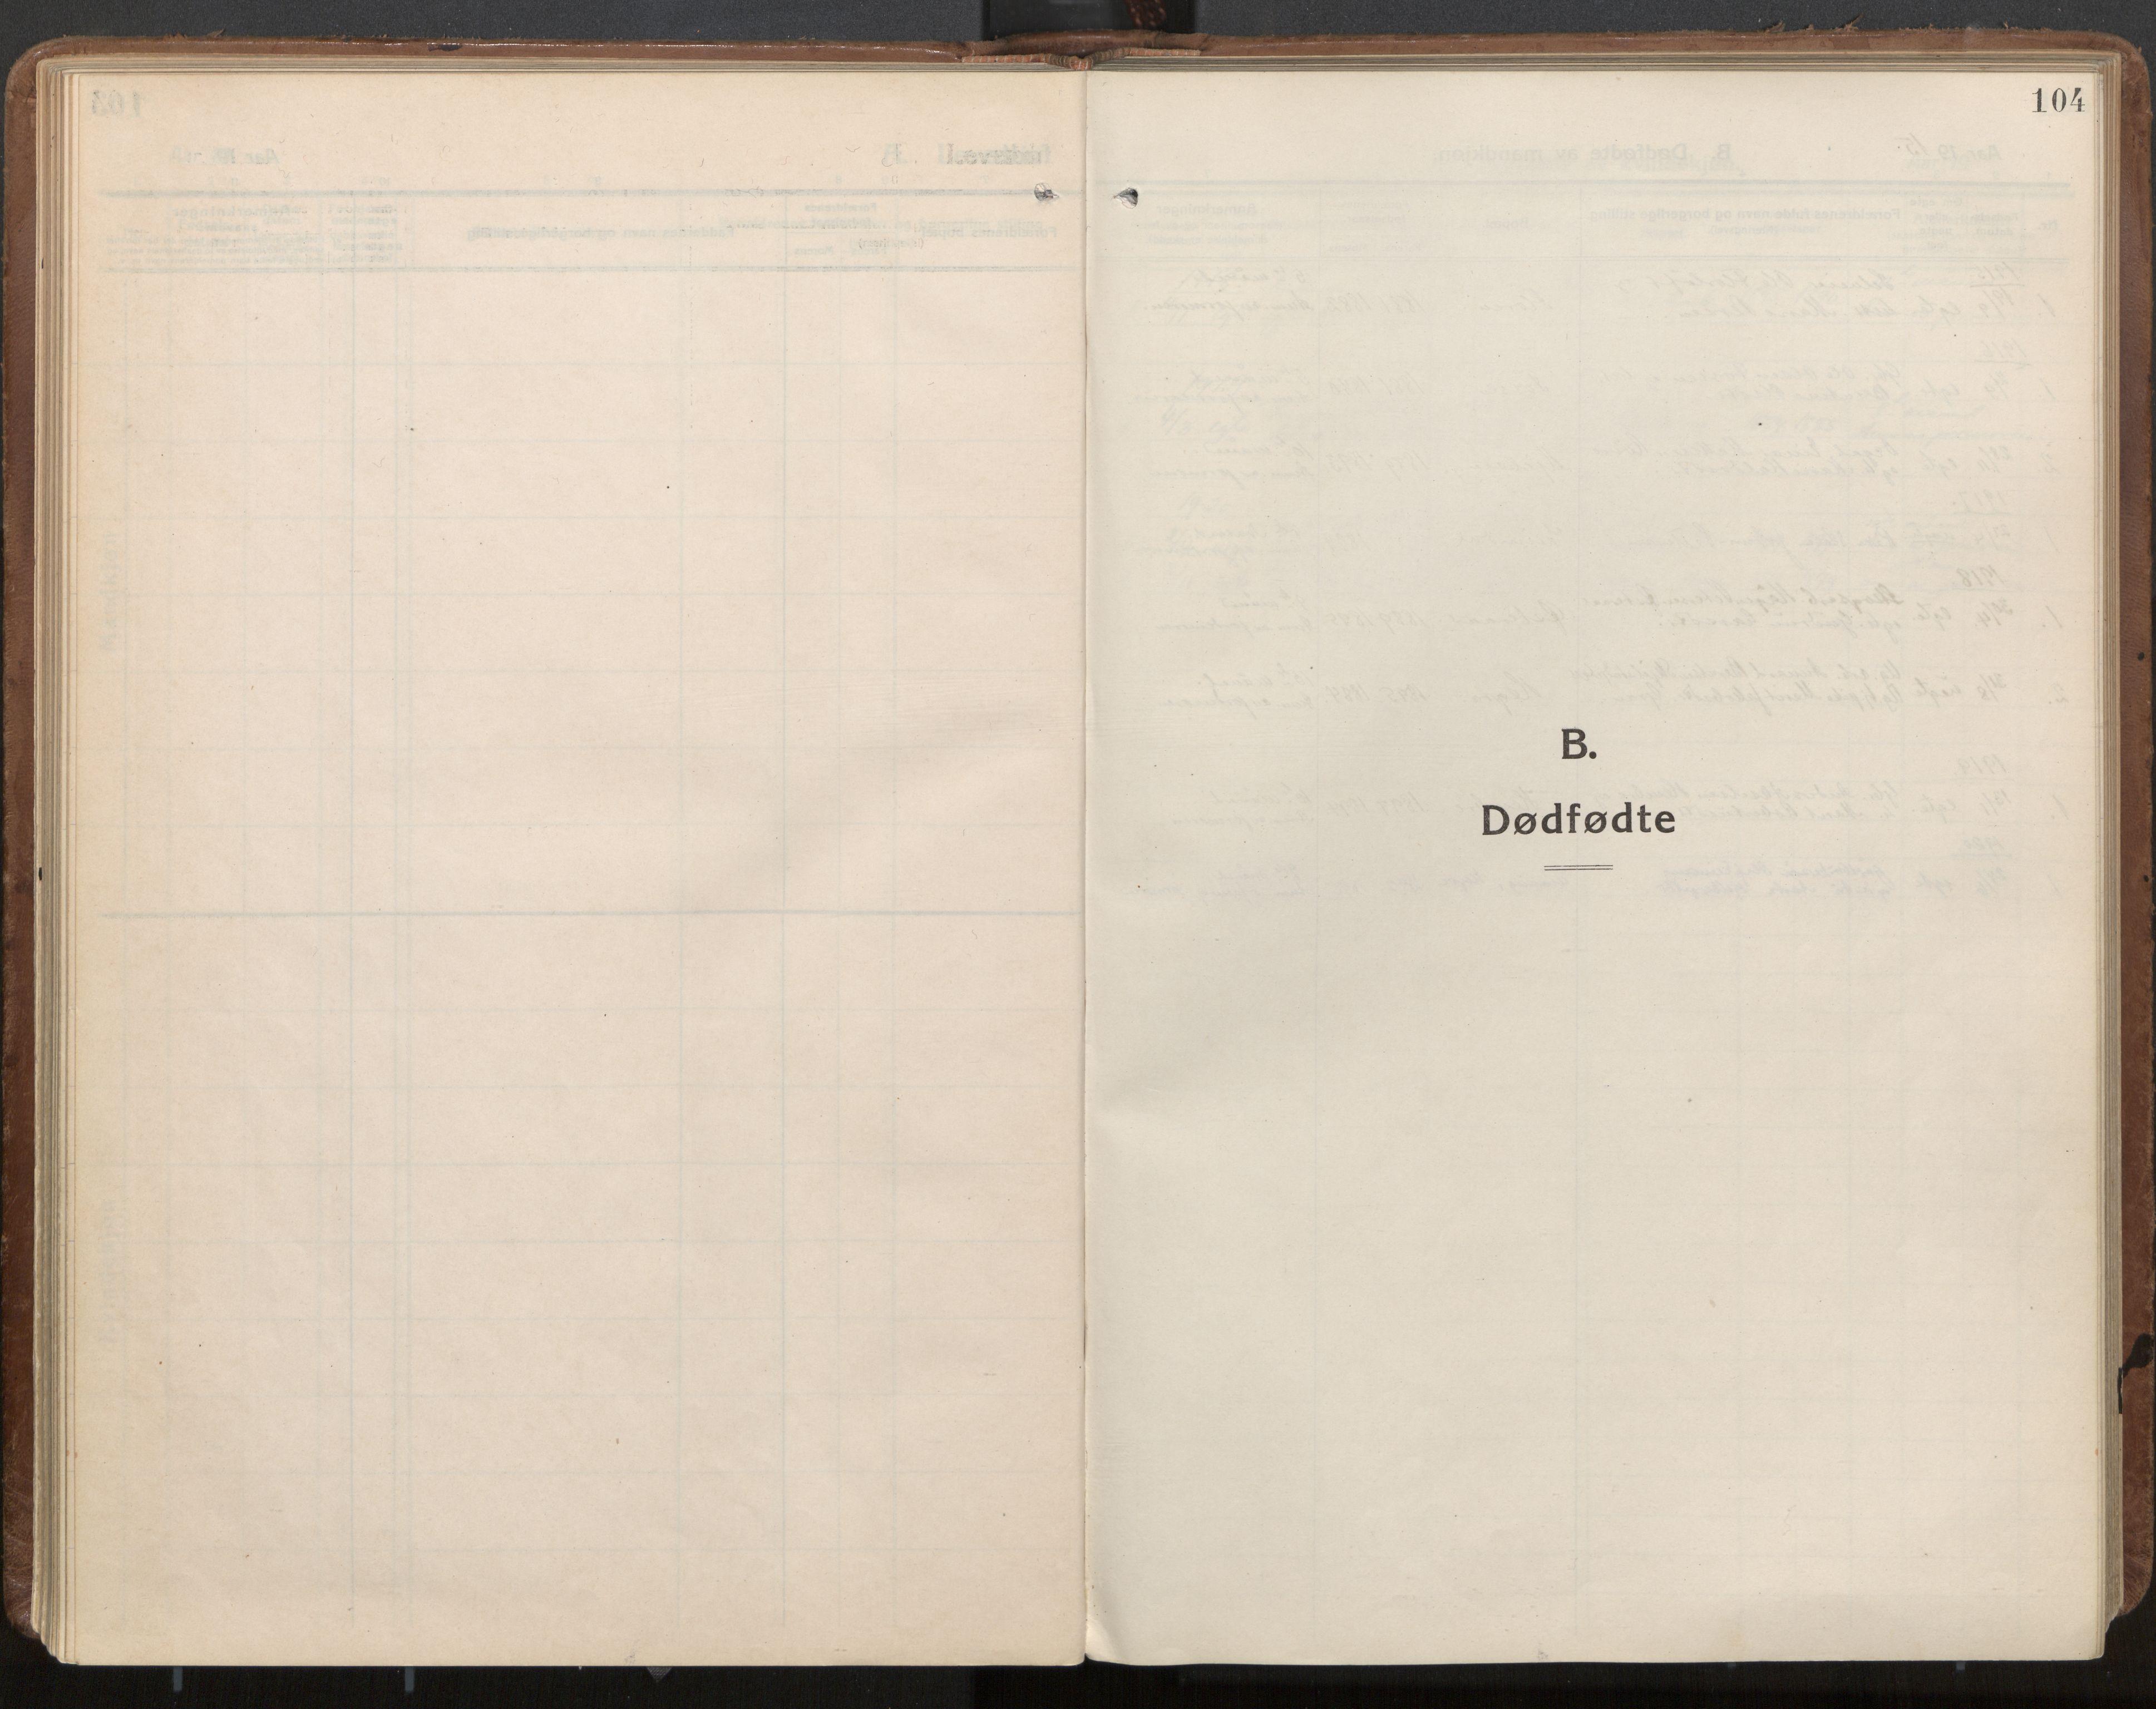 SAT, Ministerialprotokoller, klokkerbøker og fødselsregistre - Nord-Trøndelag, 703/L0037: Ministerialbok nr. 703A10, 1915-1932, s. 104